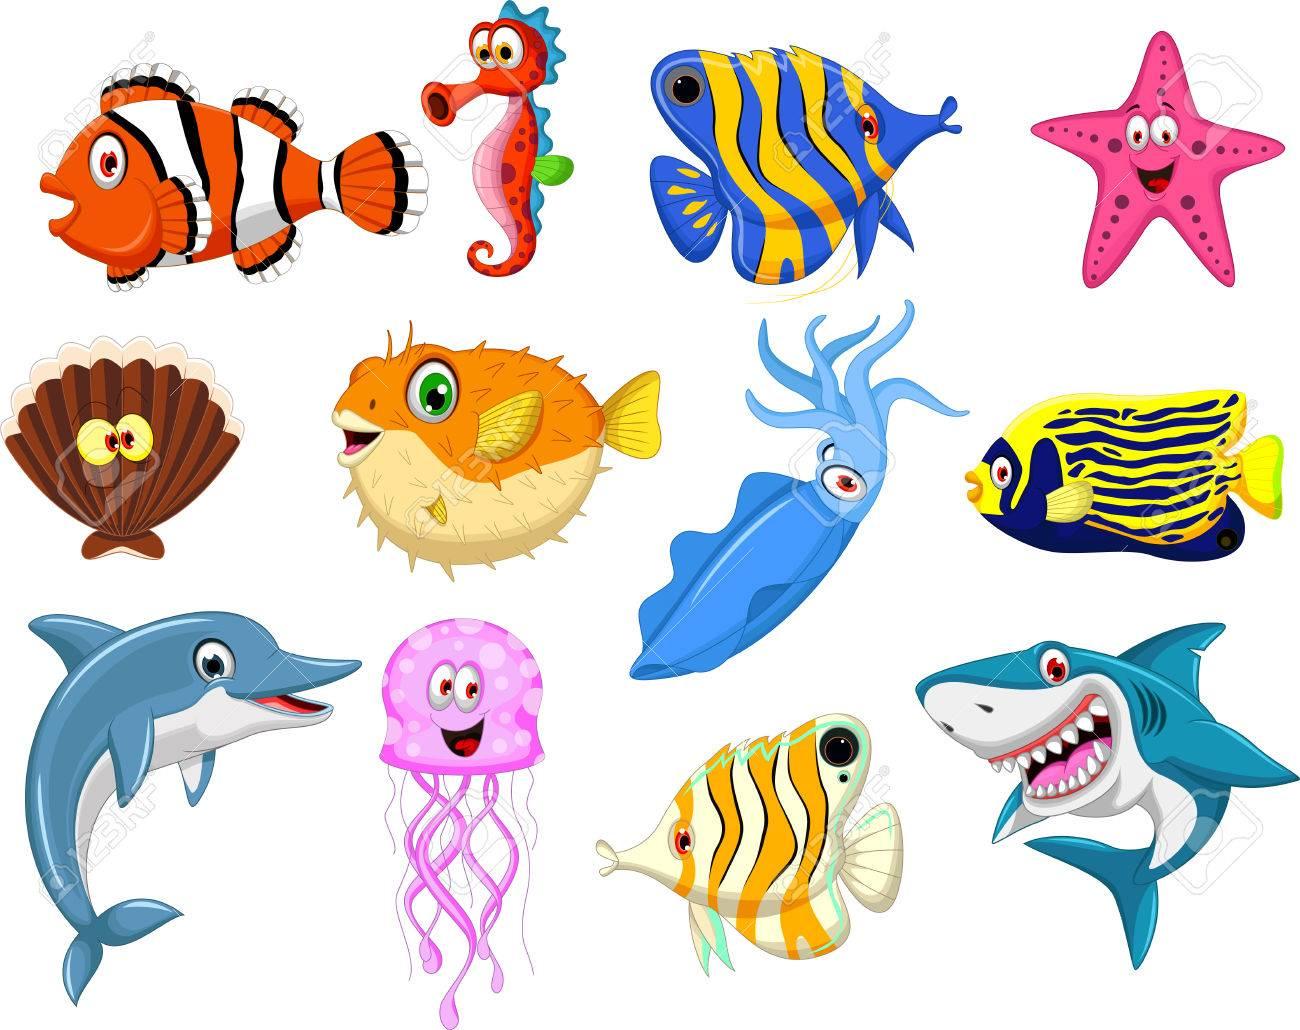 sea life cartoon collection - 38015212